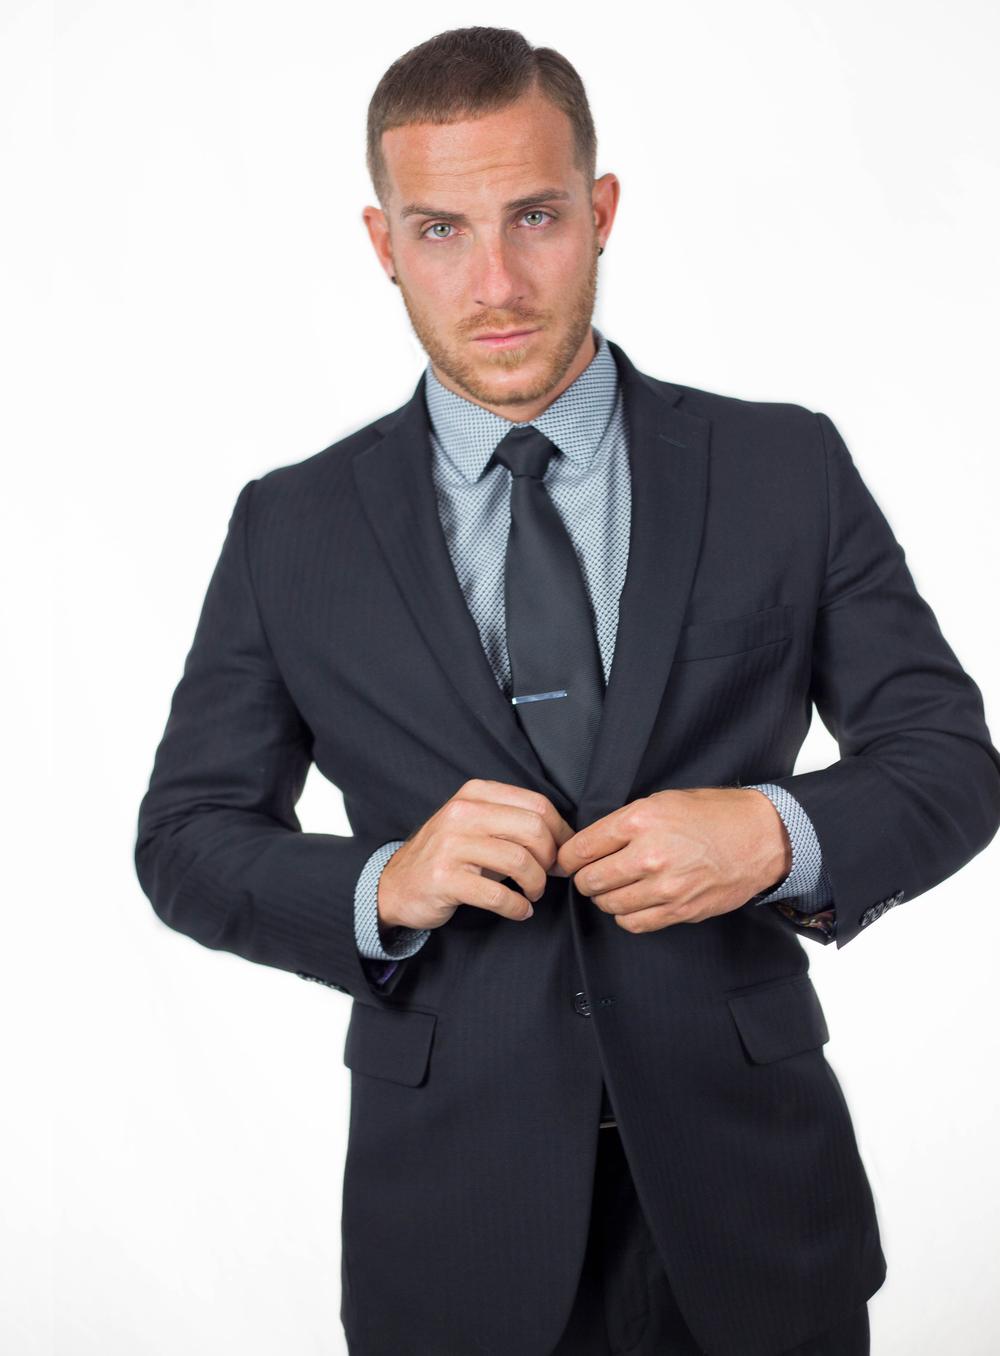 Suit Edit.jpg